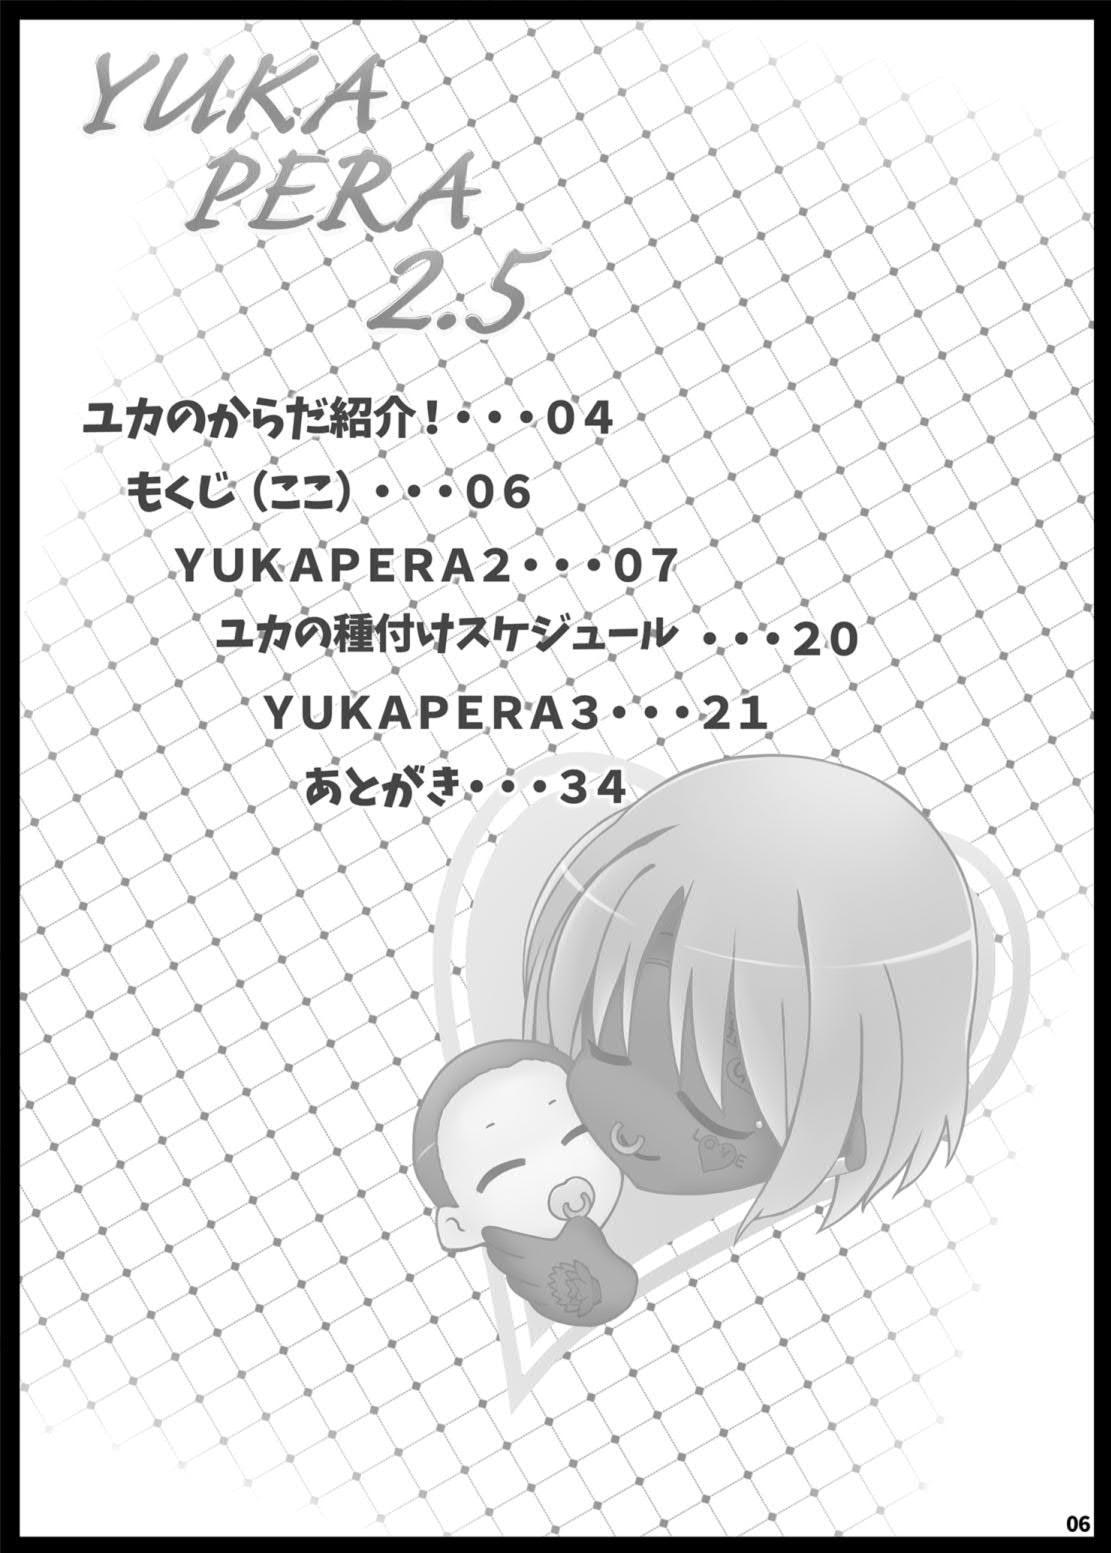 YUKAPERA 2.5 4